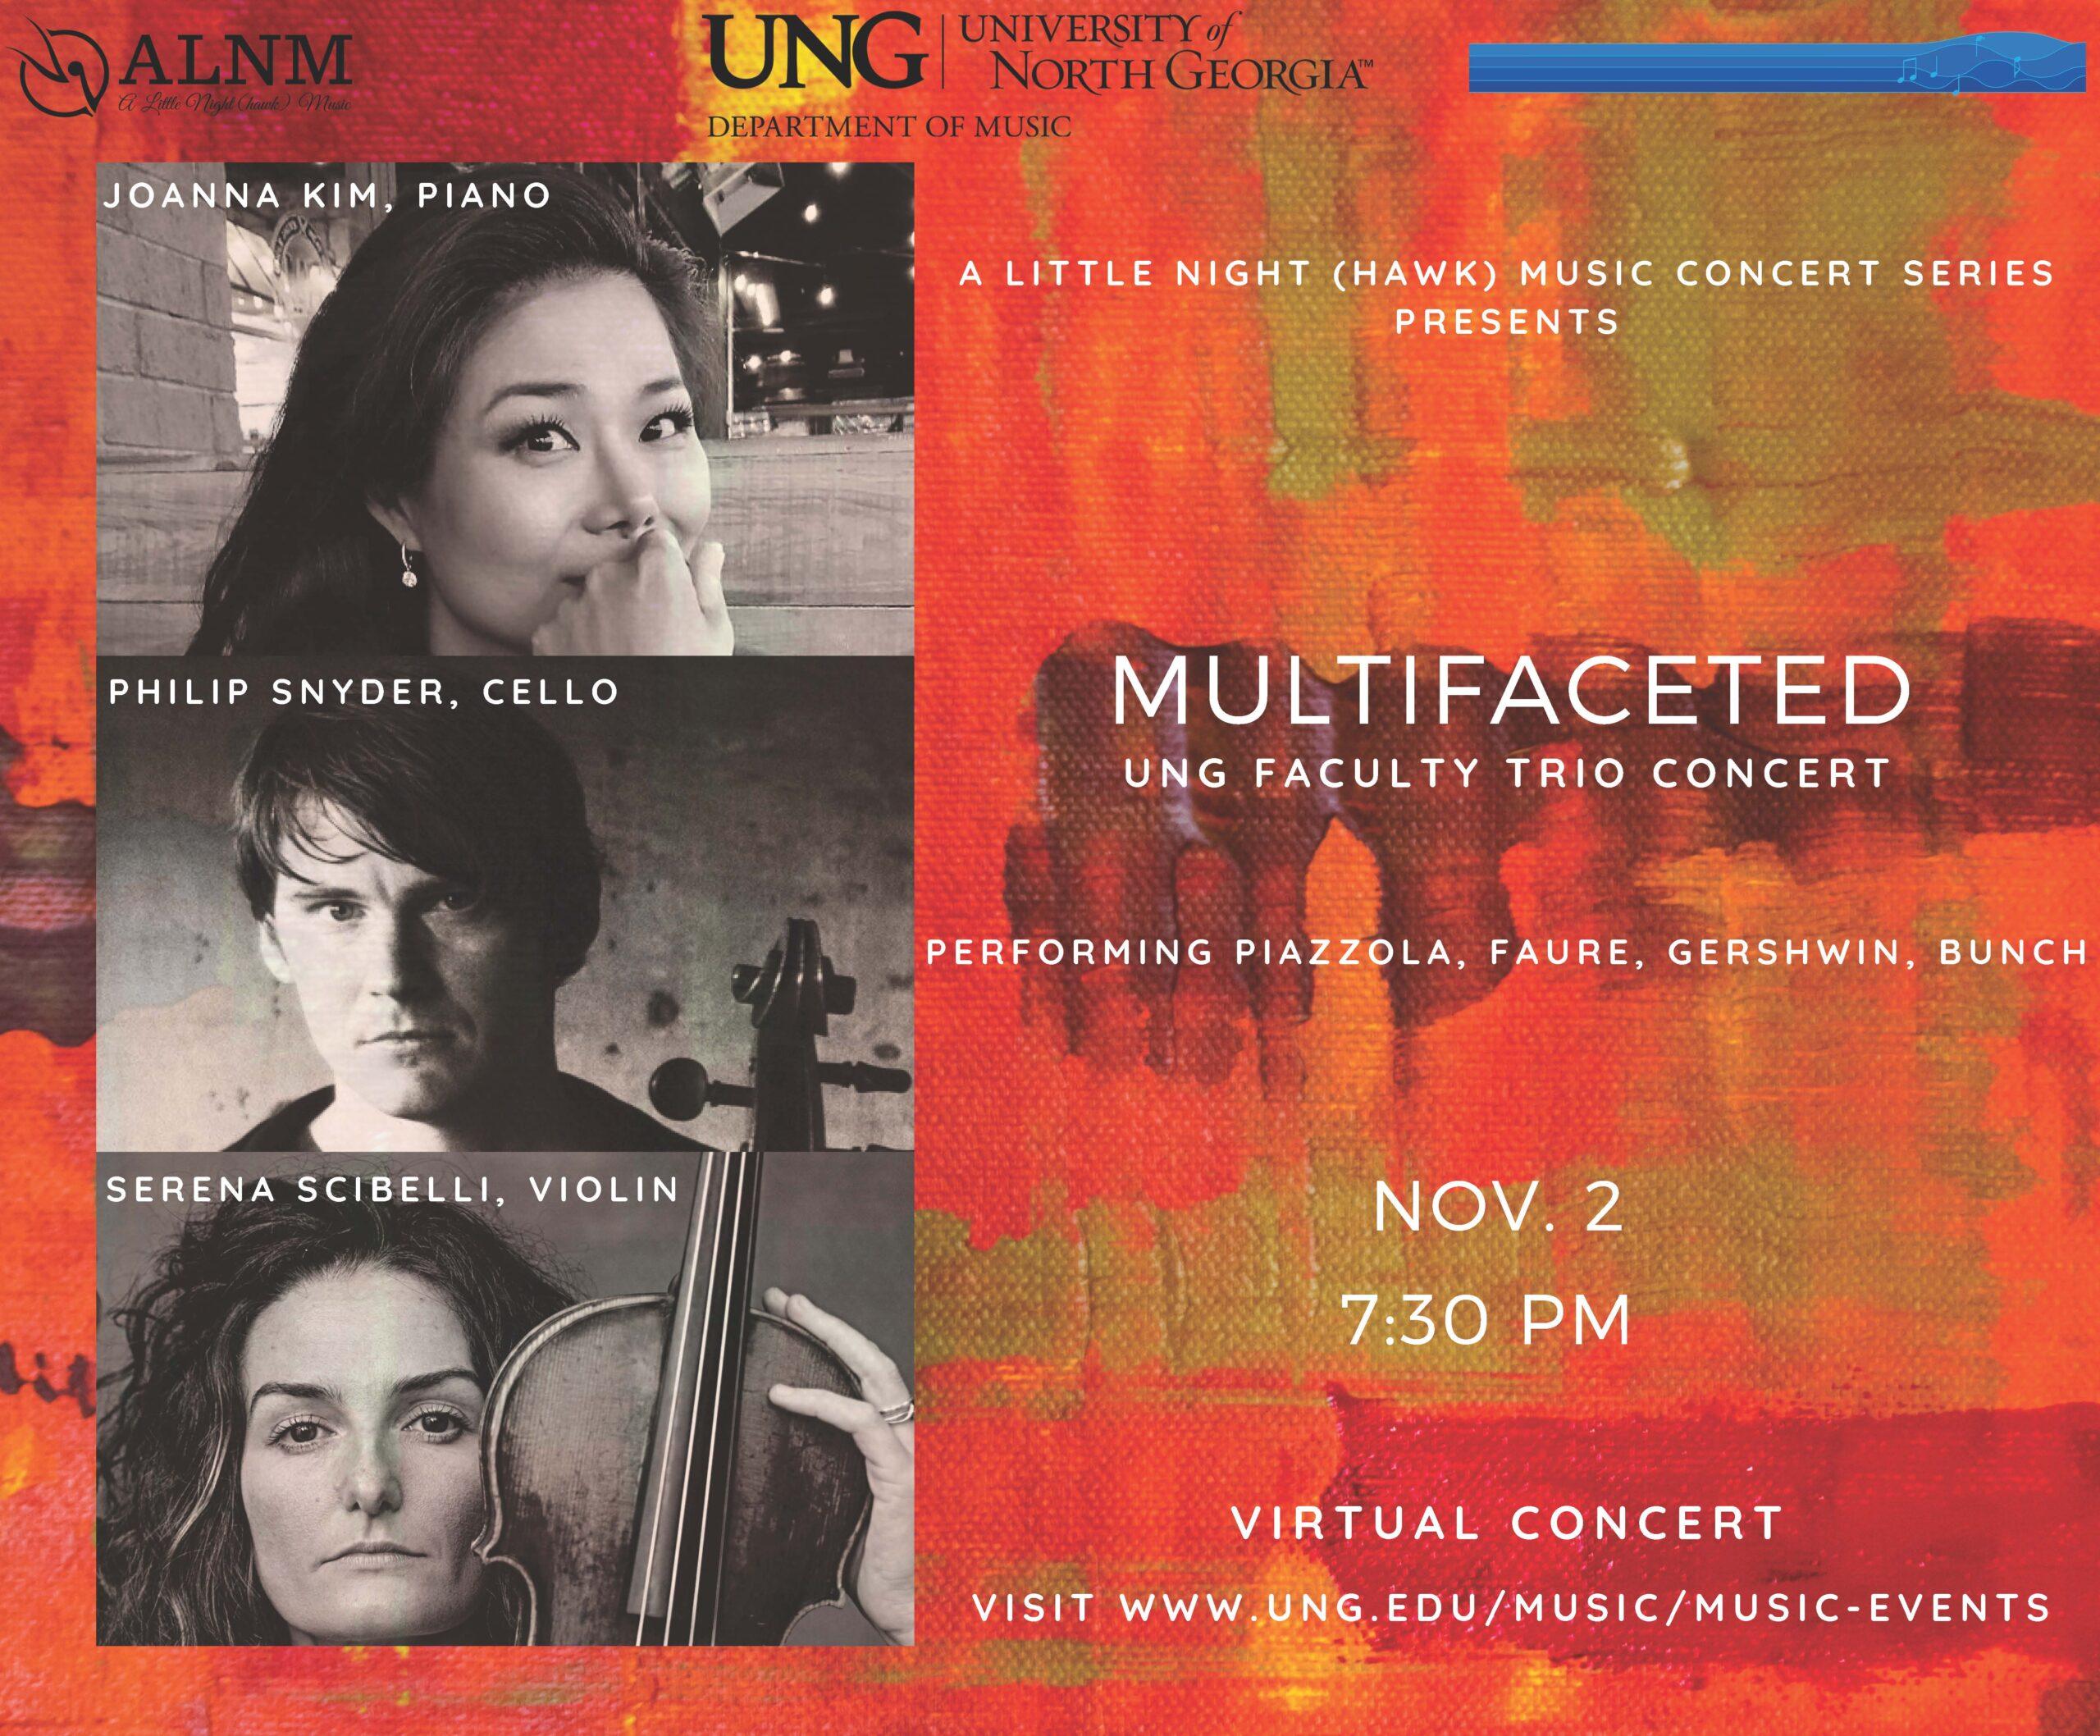 A concert event presenting professors Dr. Joanna Kim, piano, Dr. Serena Scibelli, violin, and Dr. Philip Snyder, cello.